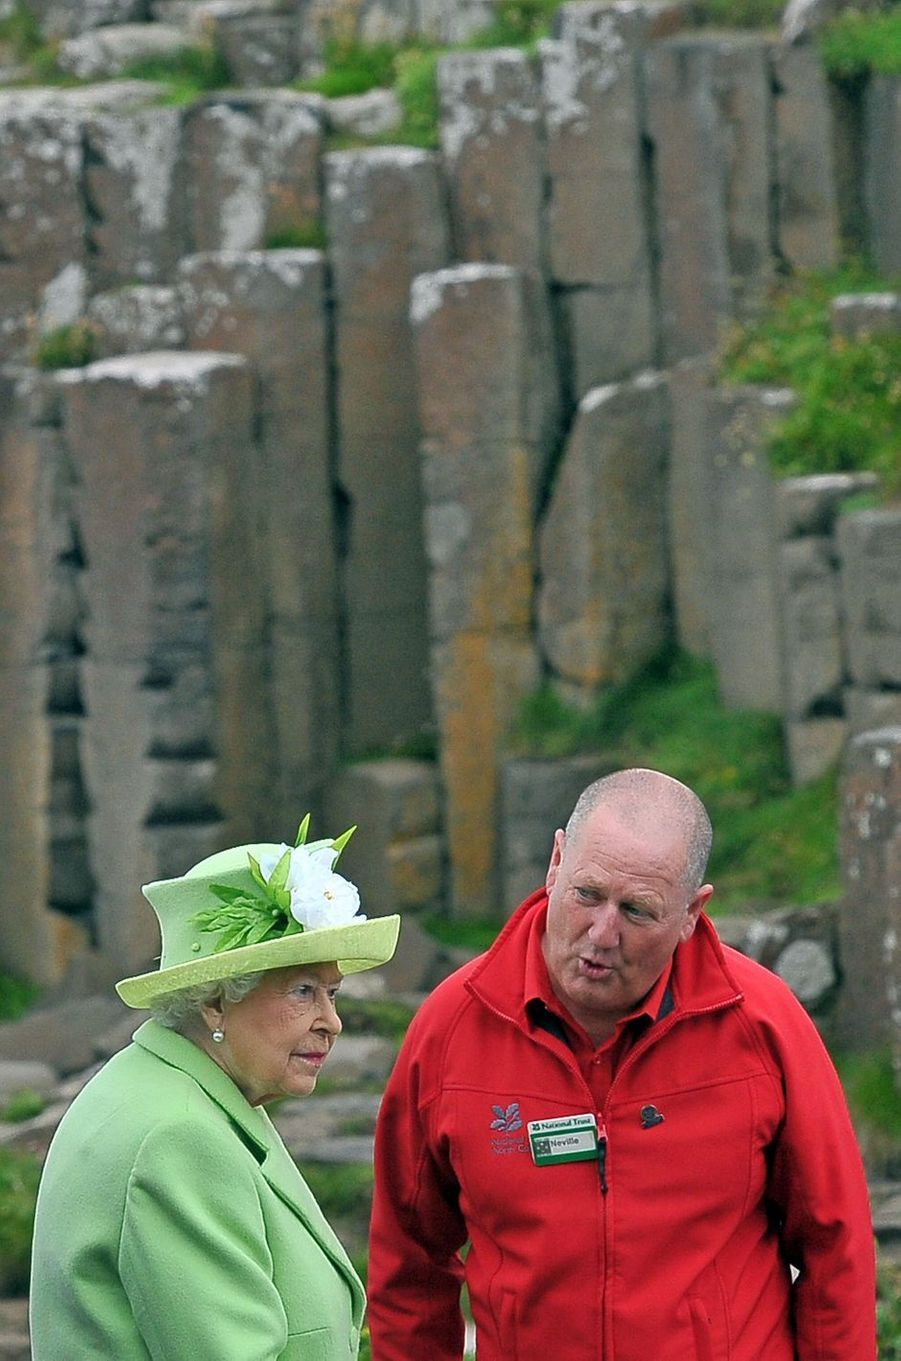 Pour son second jour en Irlande du Nord avec le prince Philip, ce mardi 28 juin, la reine Elizabeth II a remonté le temps jusqu'en 1953, à l'occasion d'une balade ferroviaire et visité le site de Giant's Causeway.